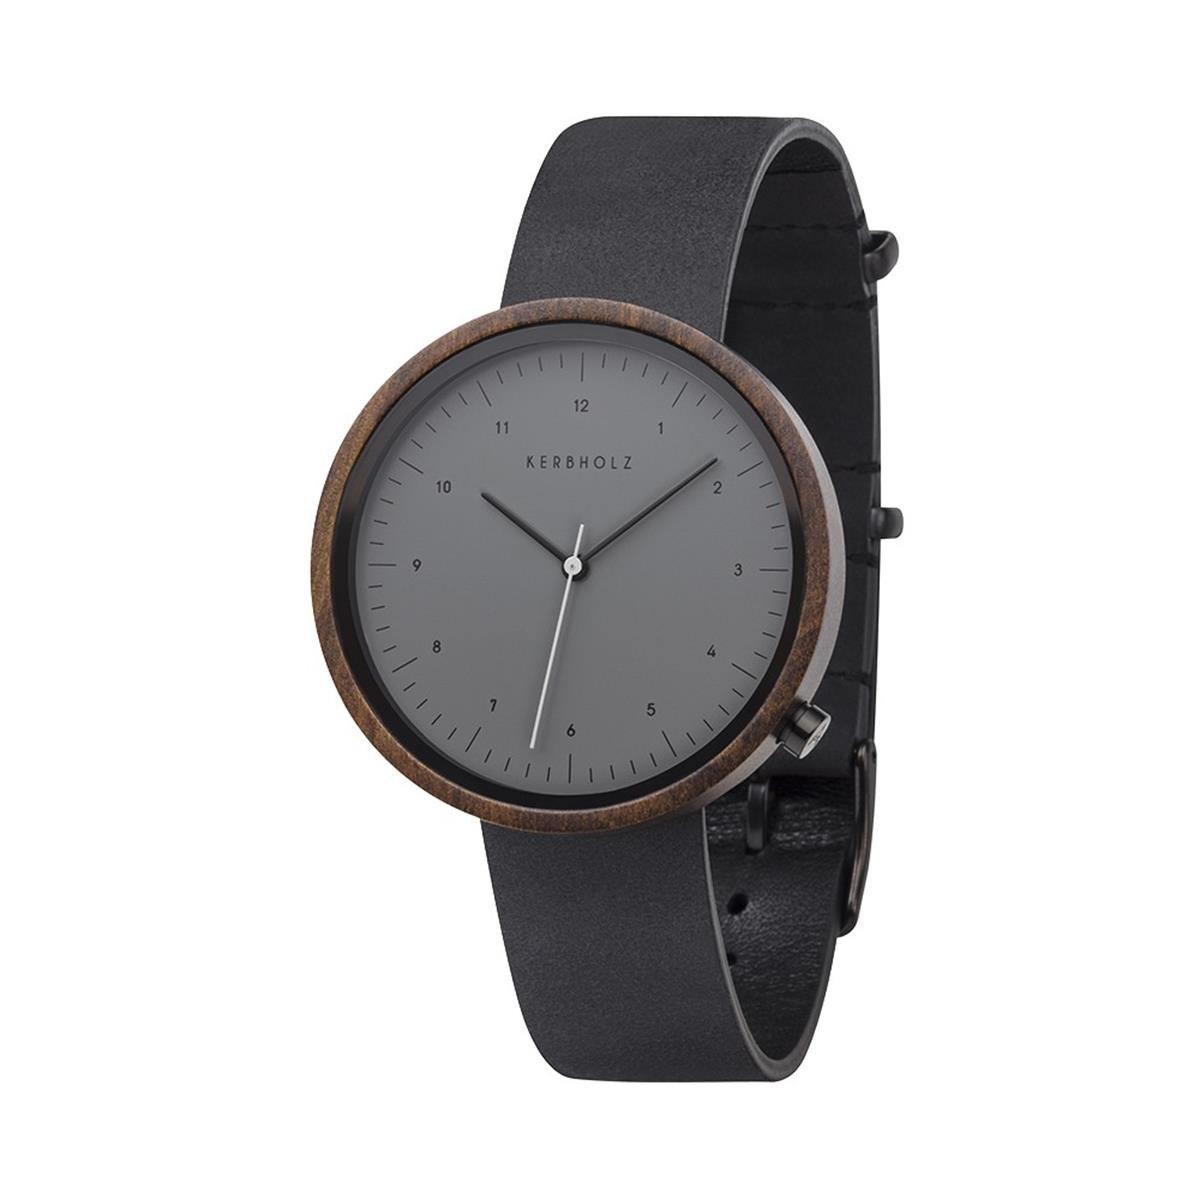 Kerbholz Reloj Digital para Hombre de Cuarzo con Correa en Cuero 4251240402536